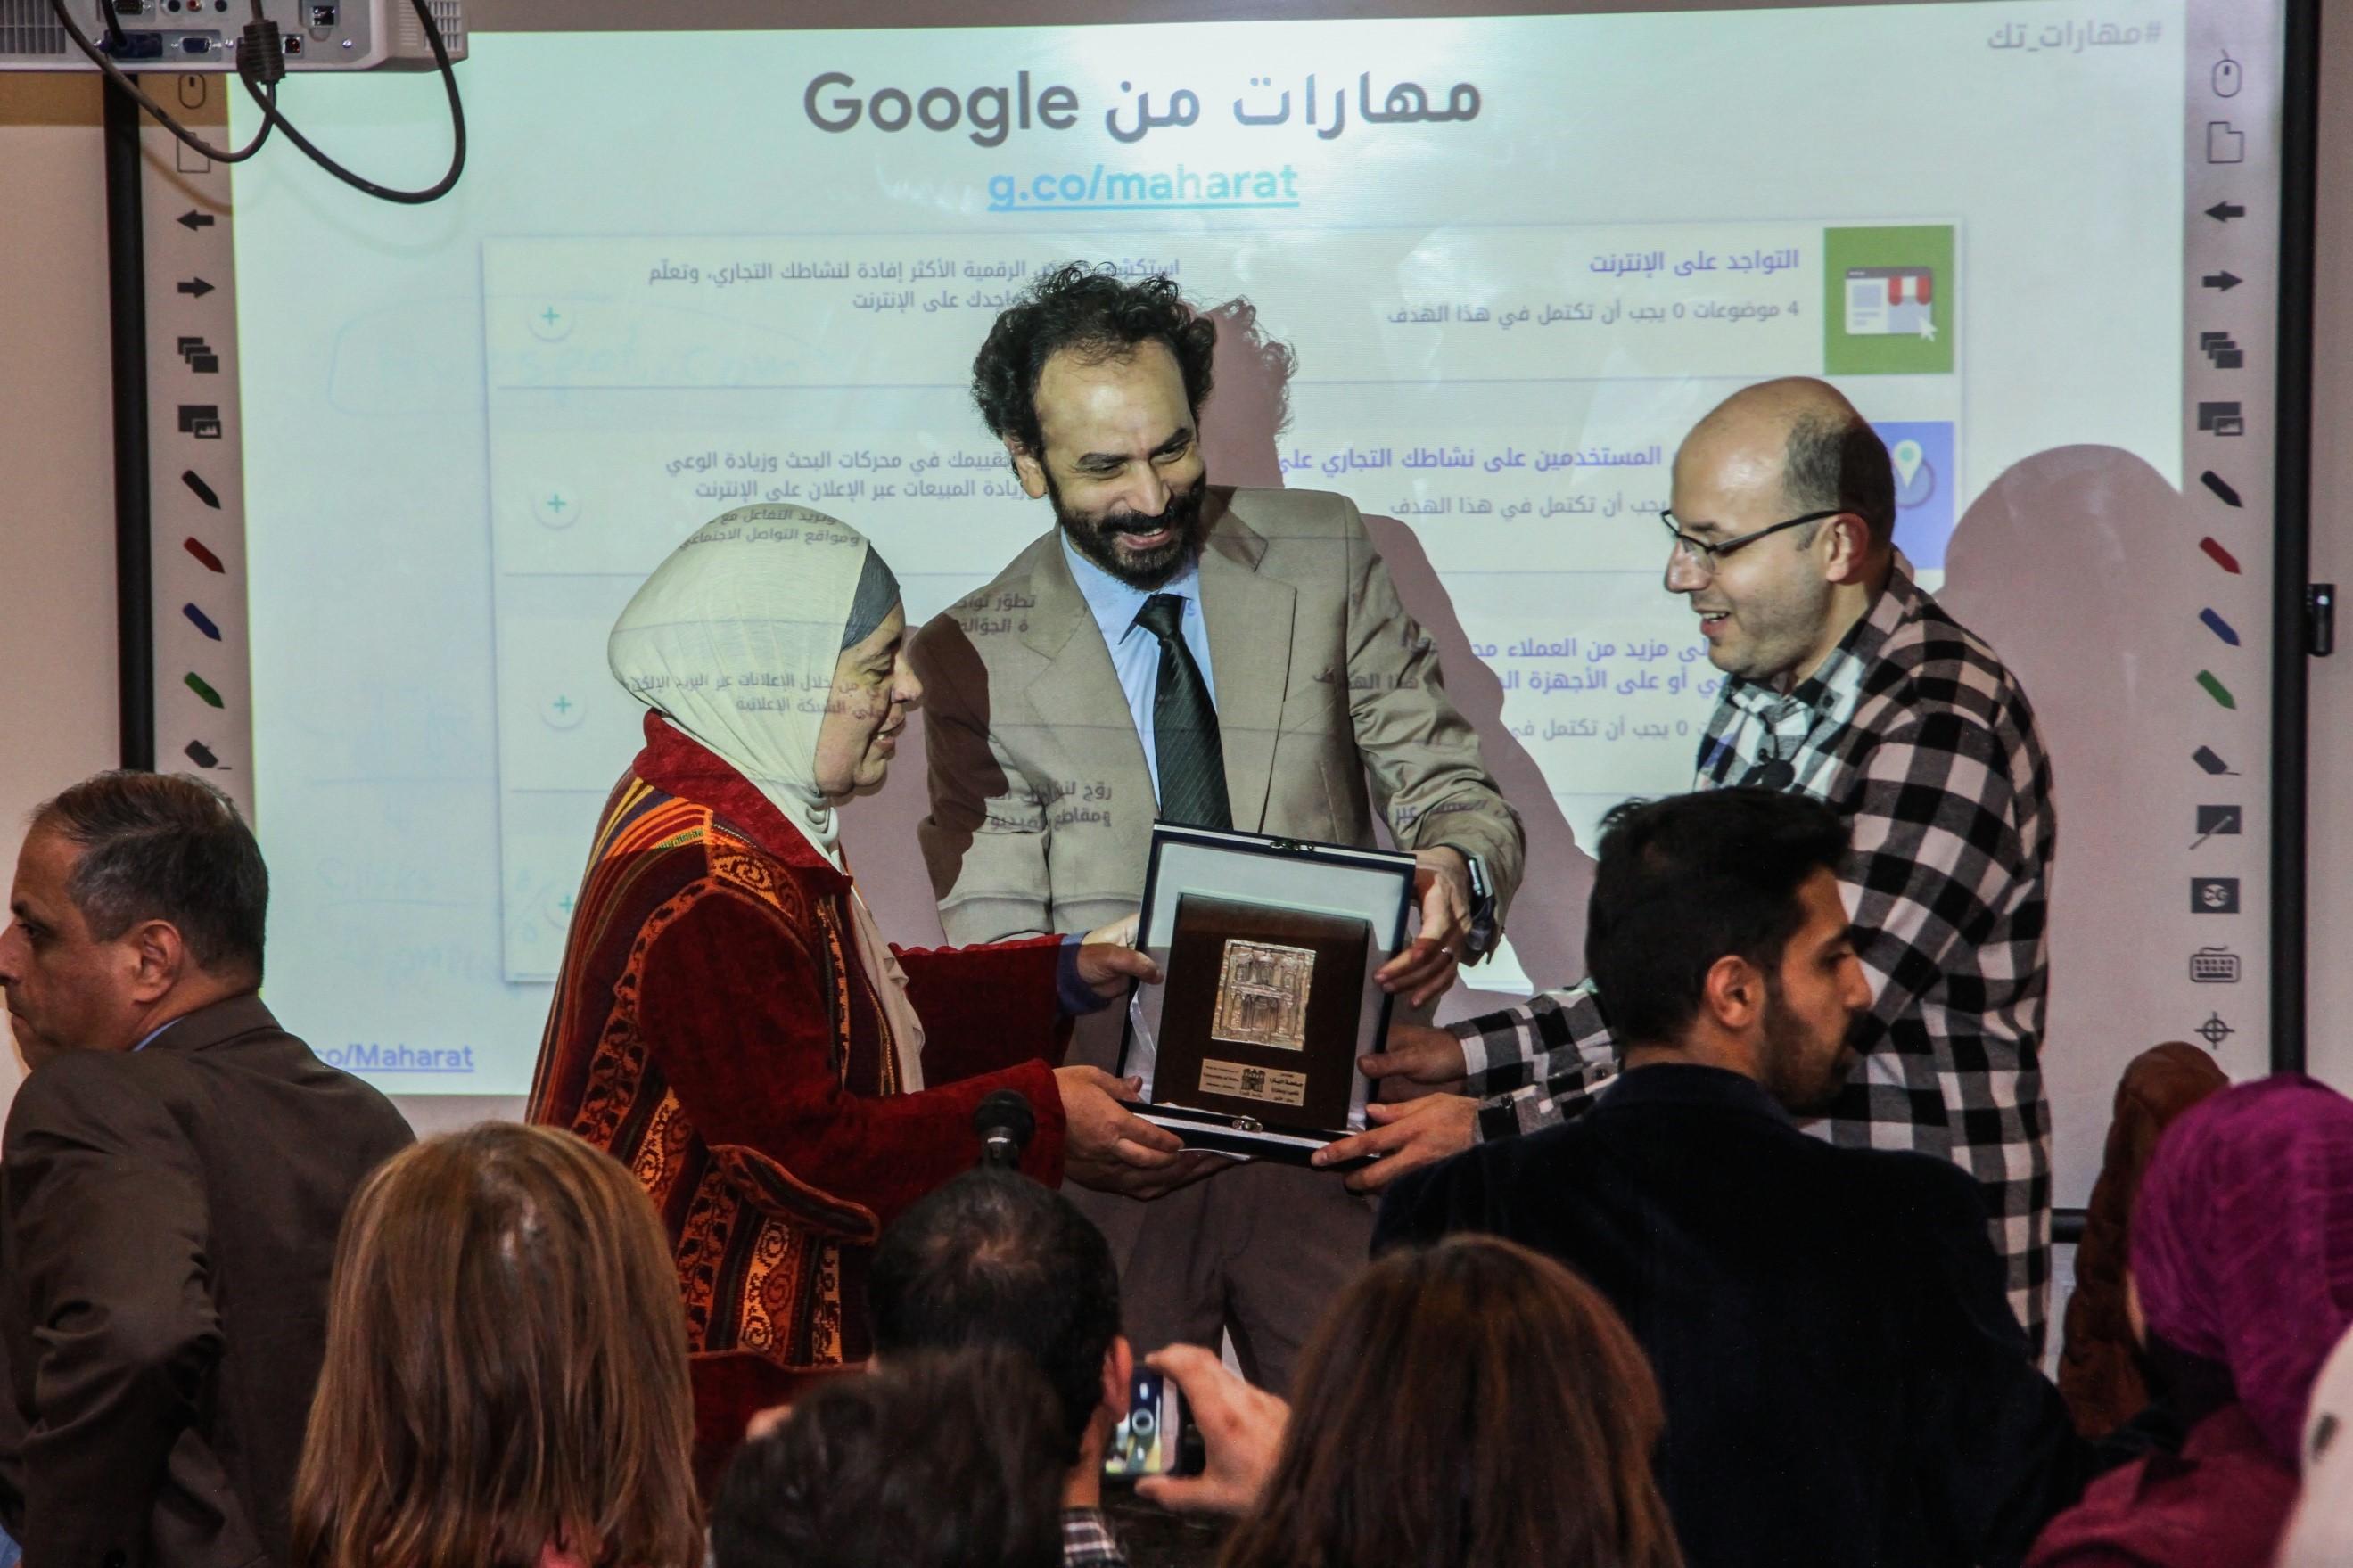 جوجل العالمية تقيم ورشه عمل في جامعه البترا